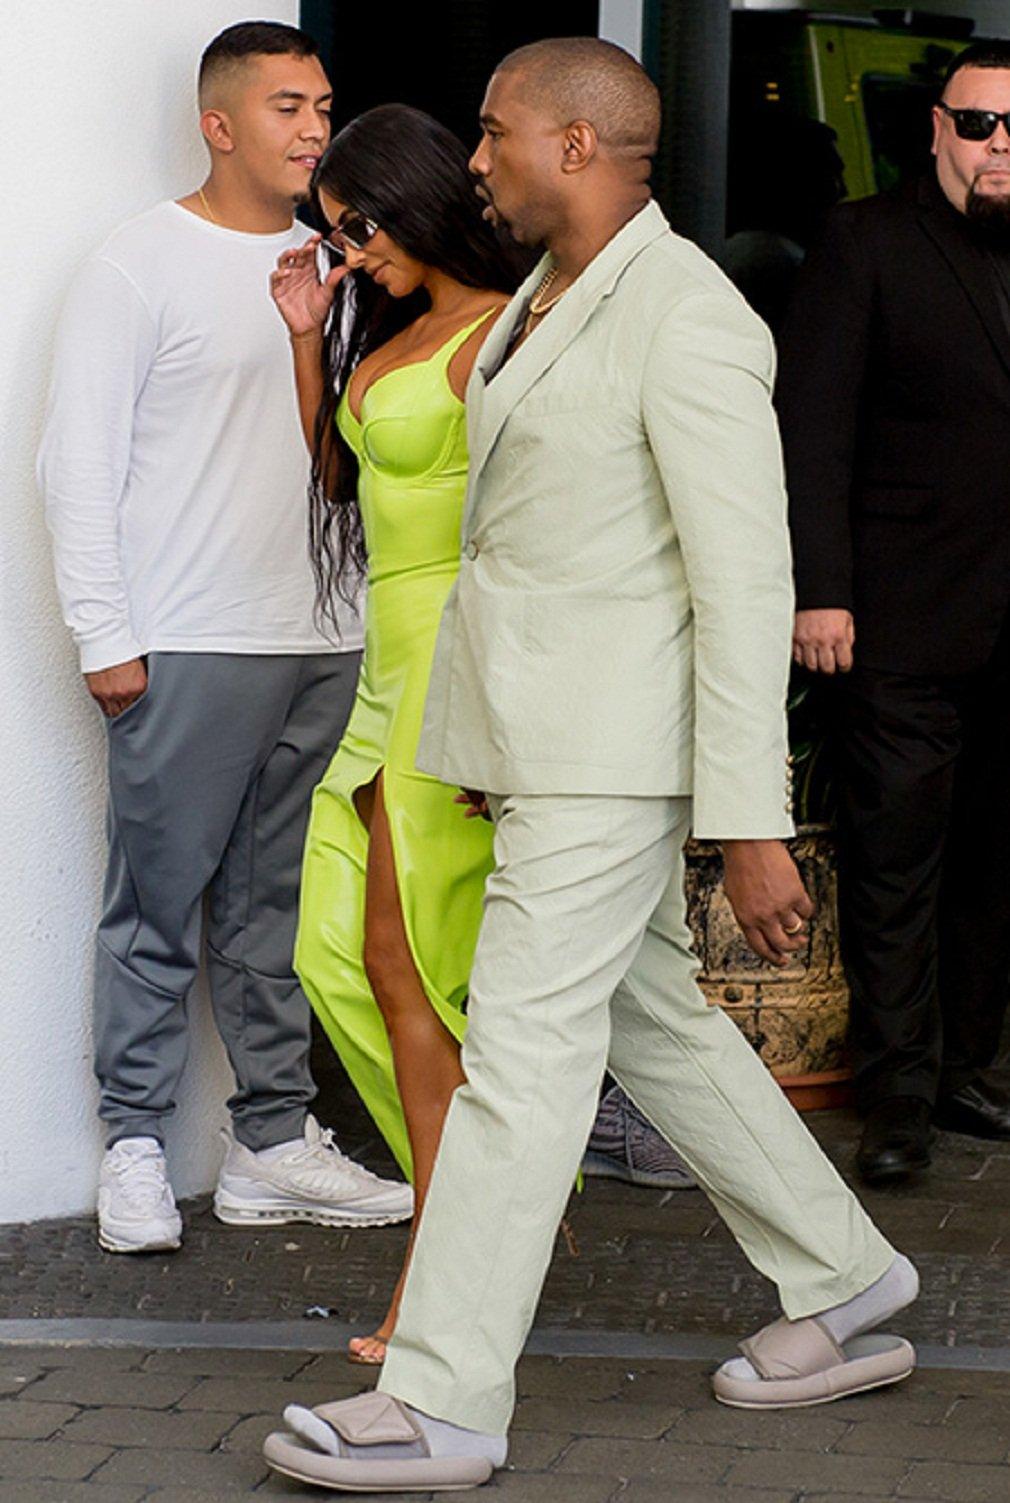 Канье Уэст пришел на свадьбу в костюме на голое тело и в шлепанцах картинки